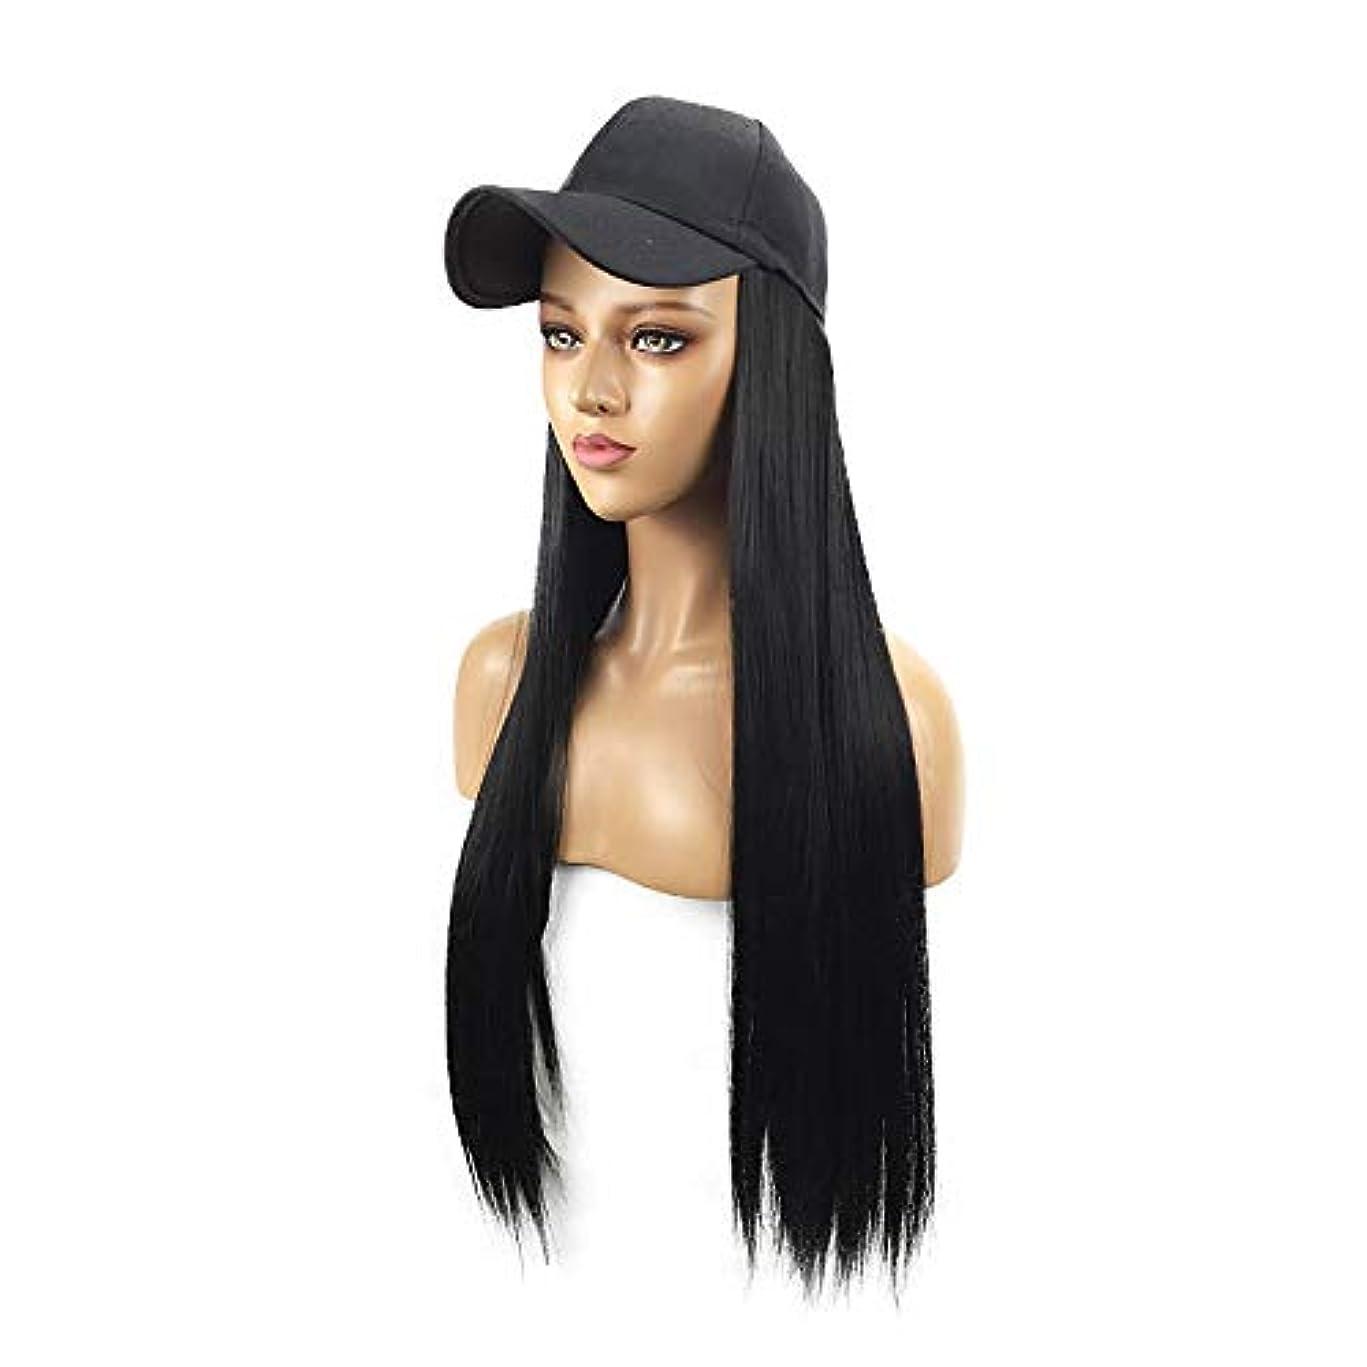 フィードバックランチ公使館HAILAN HOME-かつら ストリートファッションの女性ウィッグハットワンピース帽子ウィッグ先見の明真の髪の帽子62センチメートルブラックワンピース取り外し可能